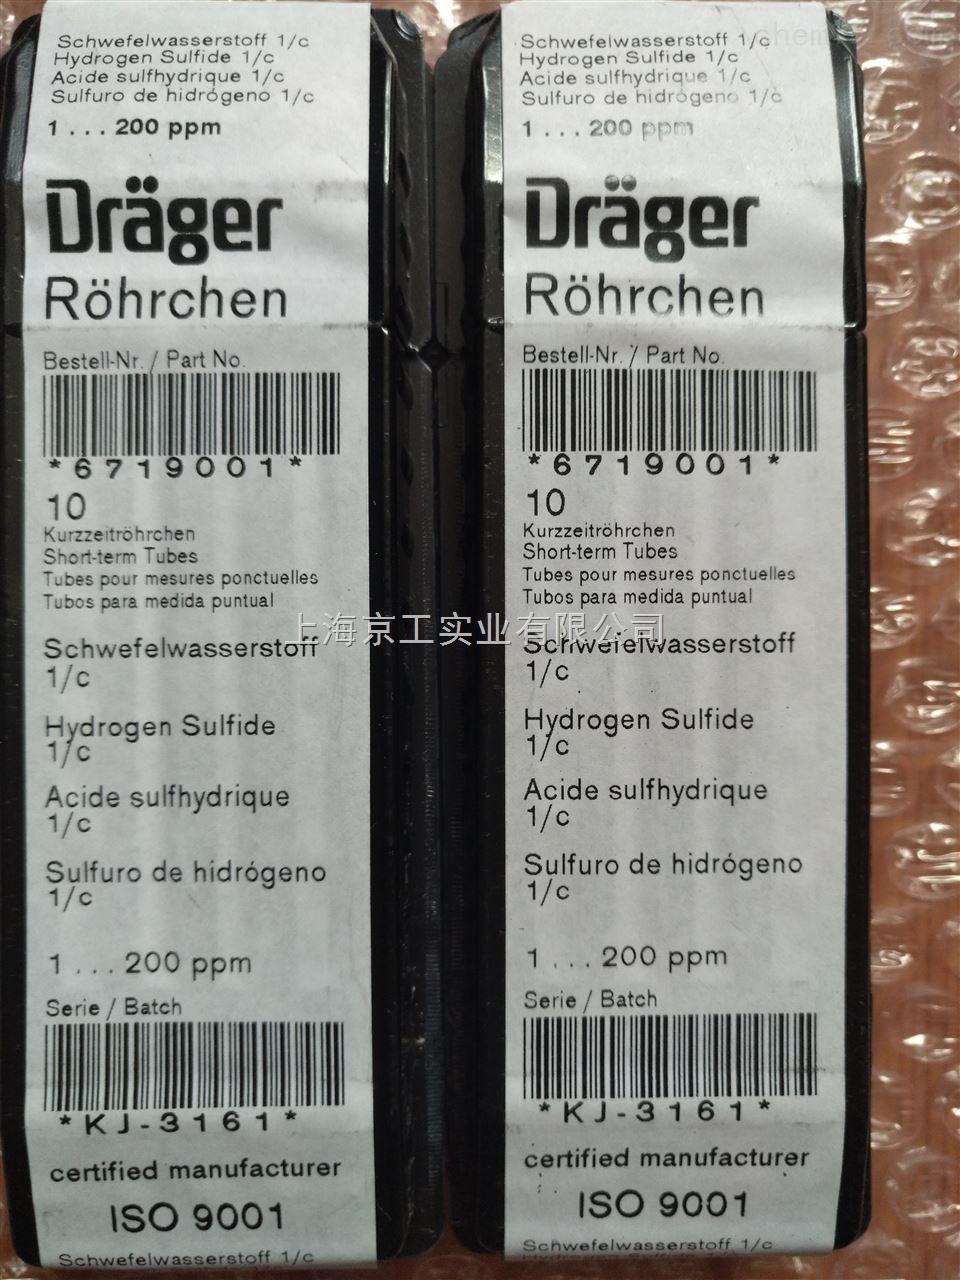 硫化氢检测管德尔格6719001